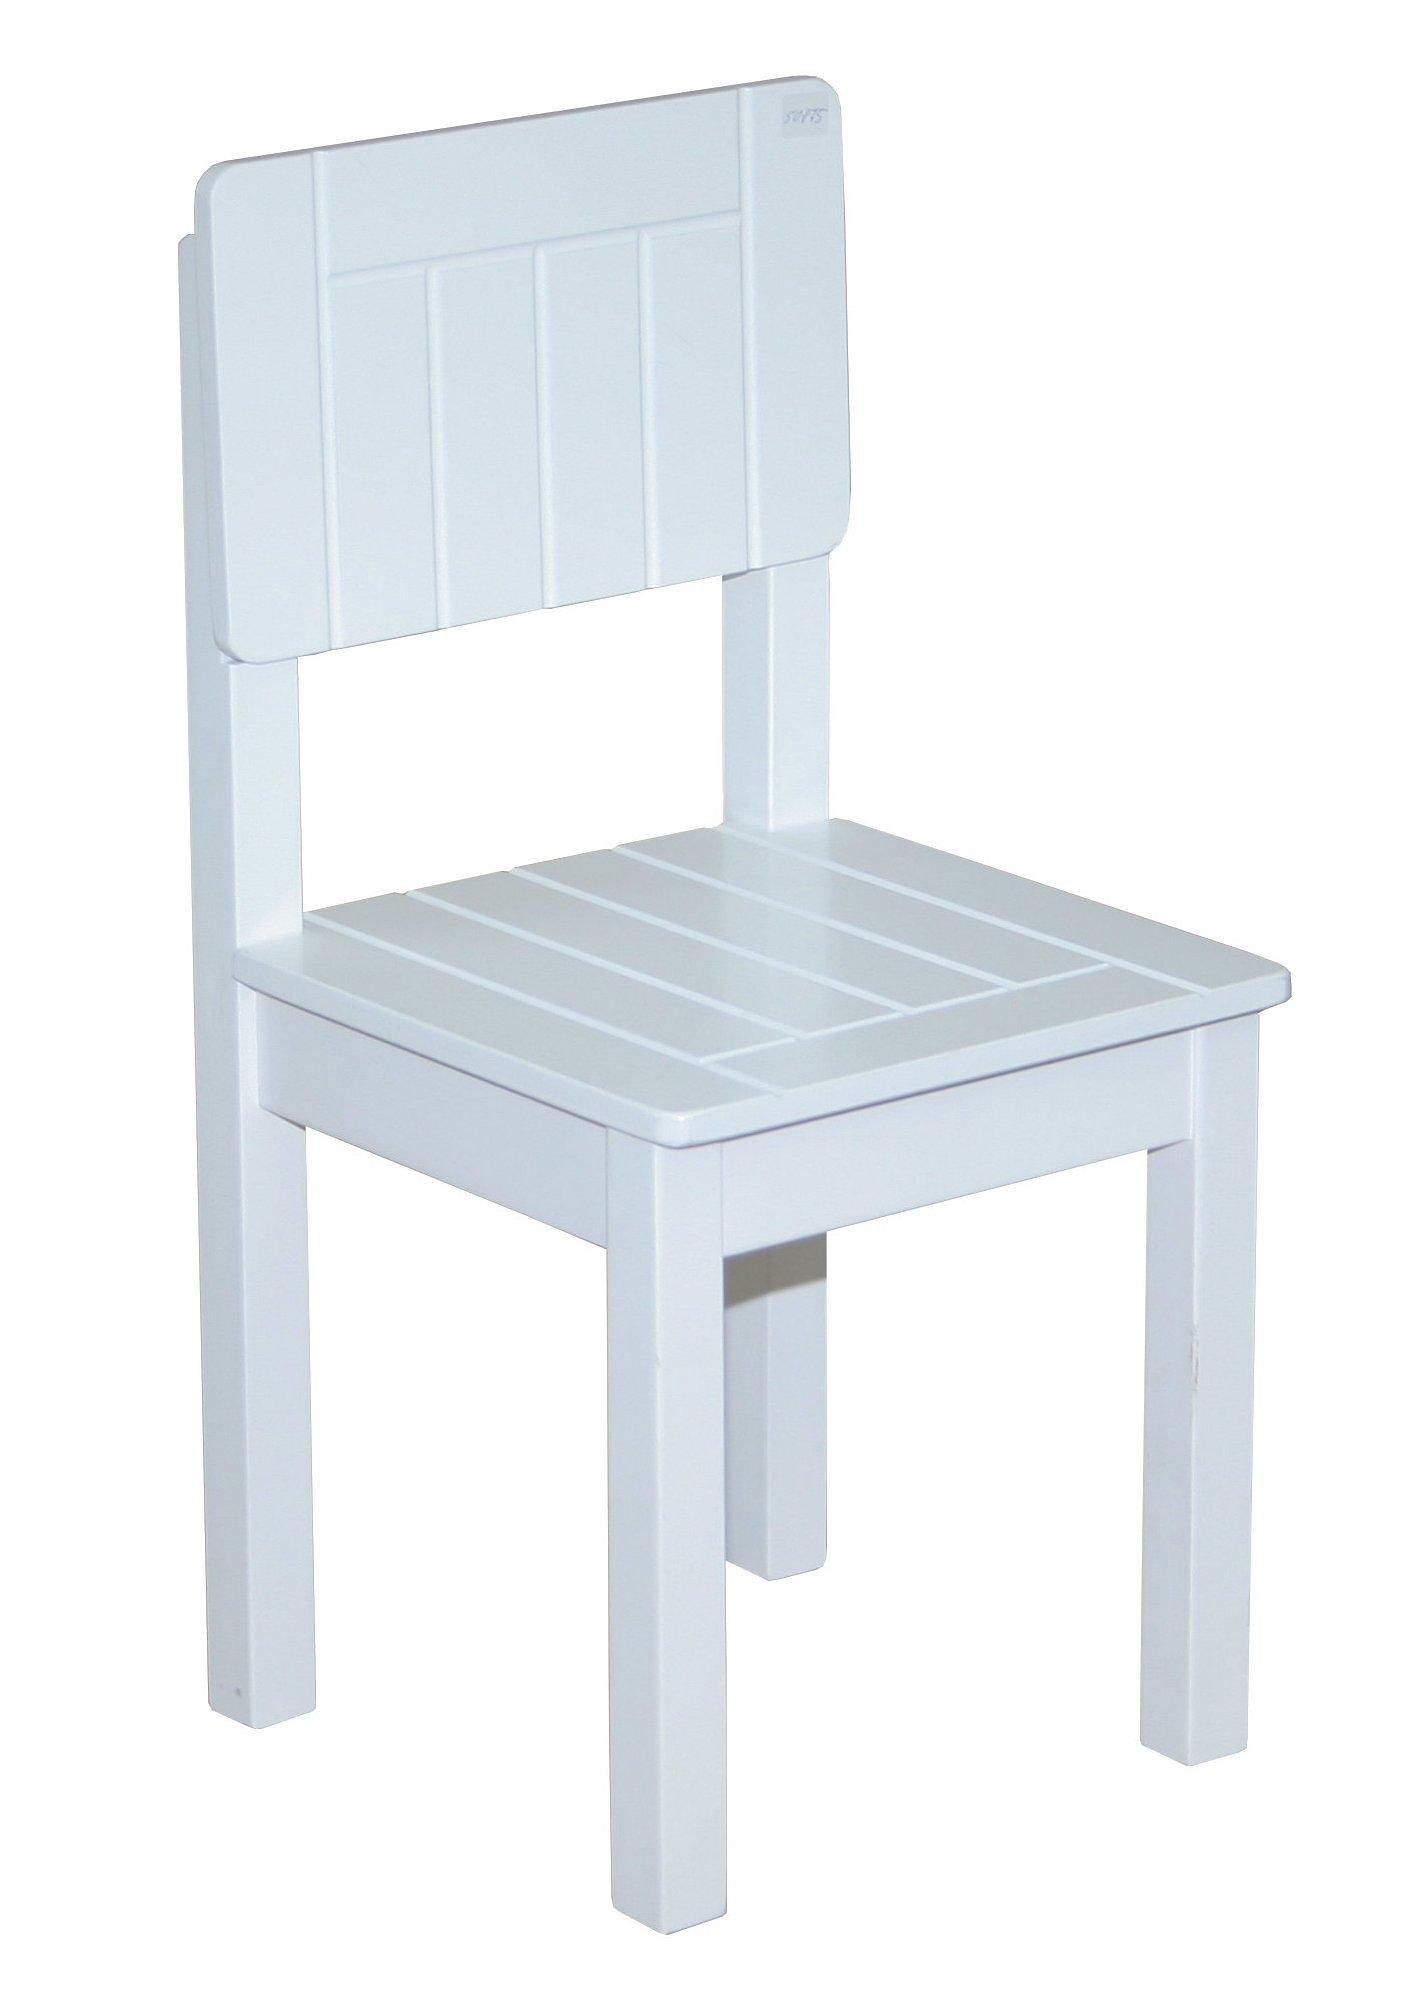 Roba Kinderstoeltje wit goedkoop op otto.nl kopen